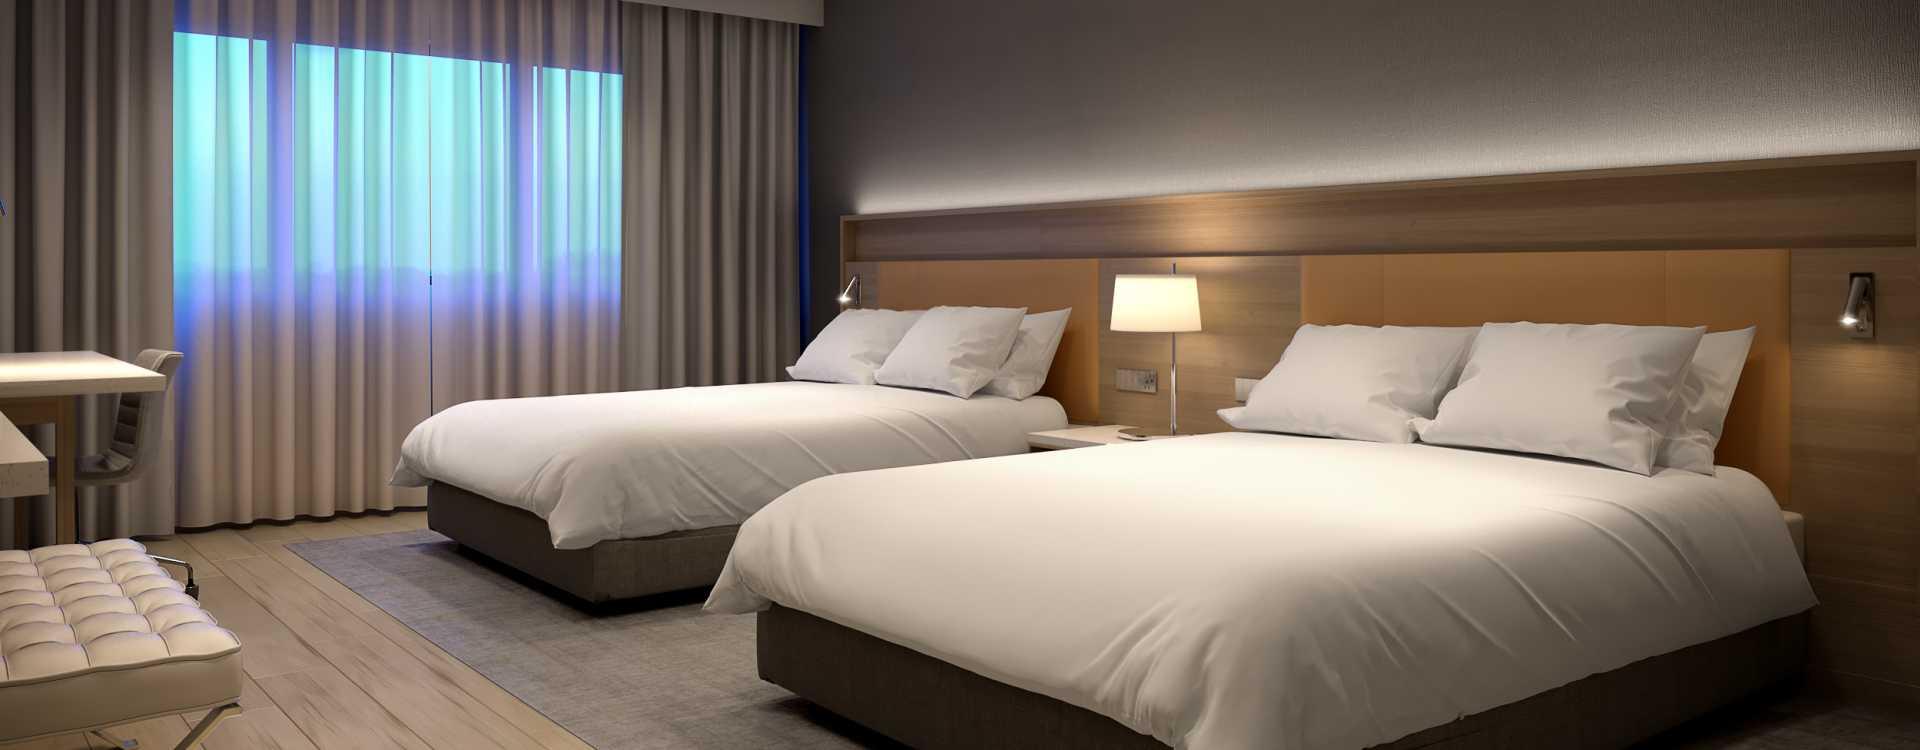 Standard 2 Bedded Queen Room